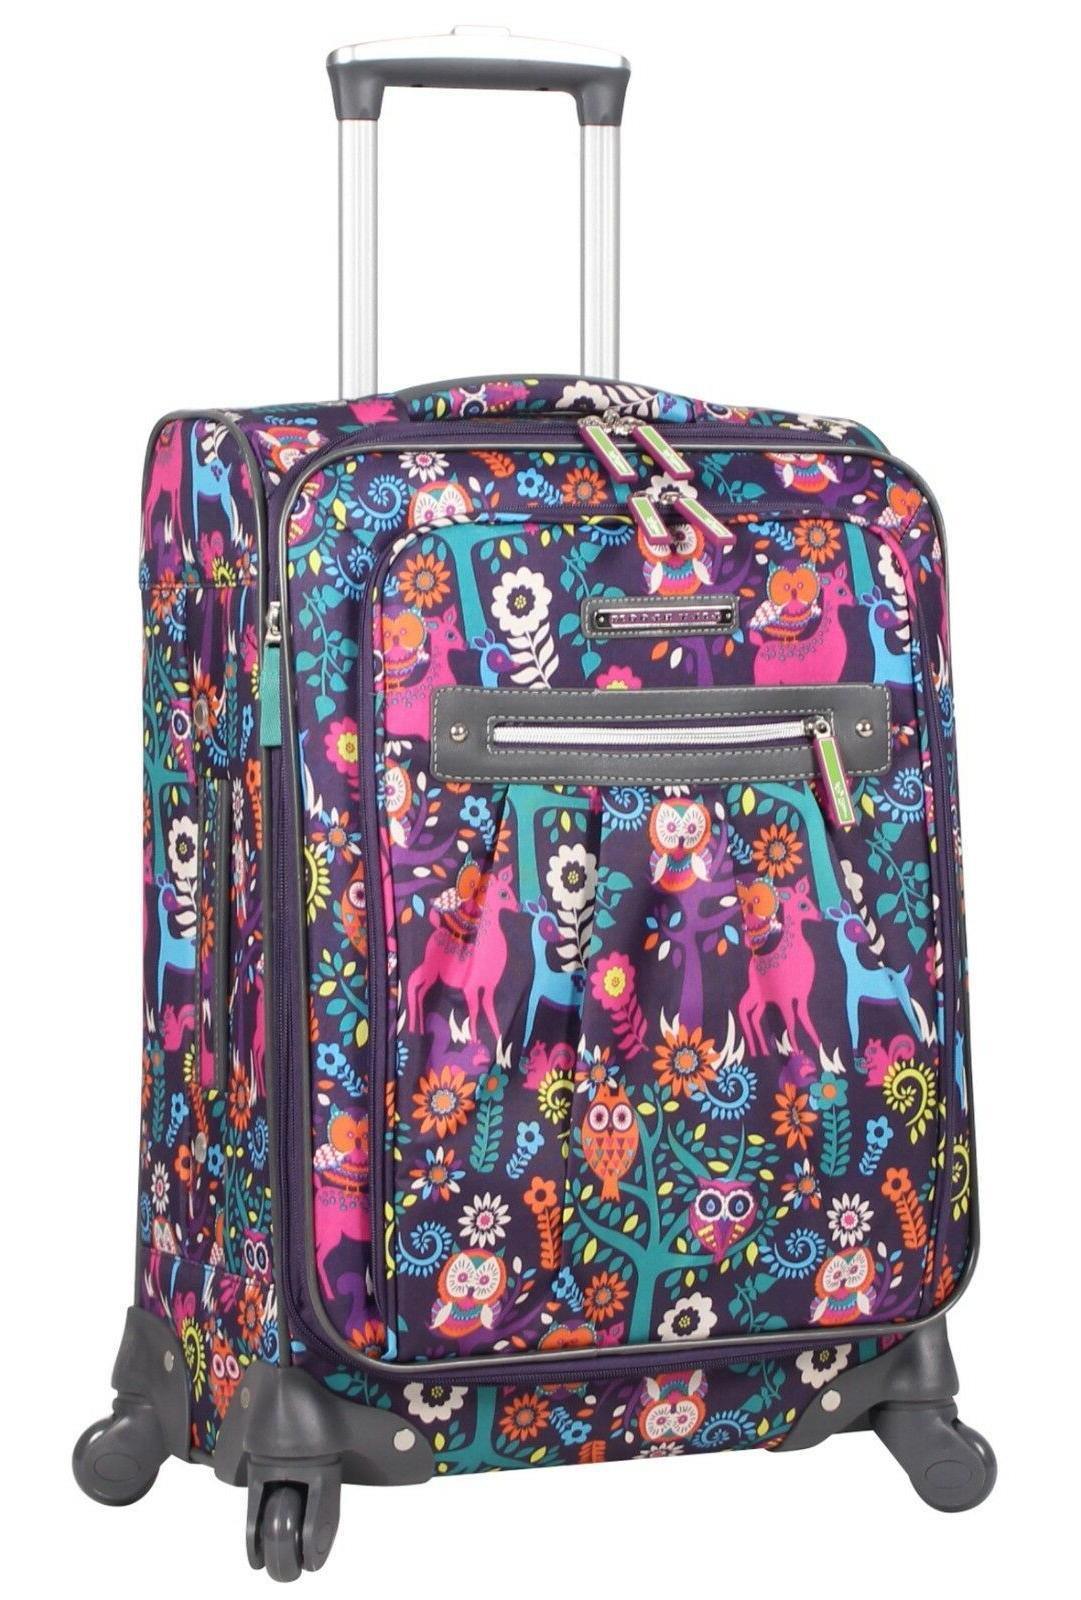 luggage large expandable design pattern suitcase